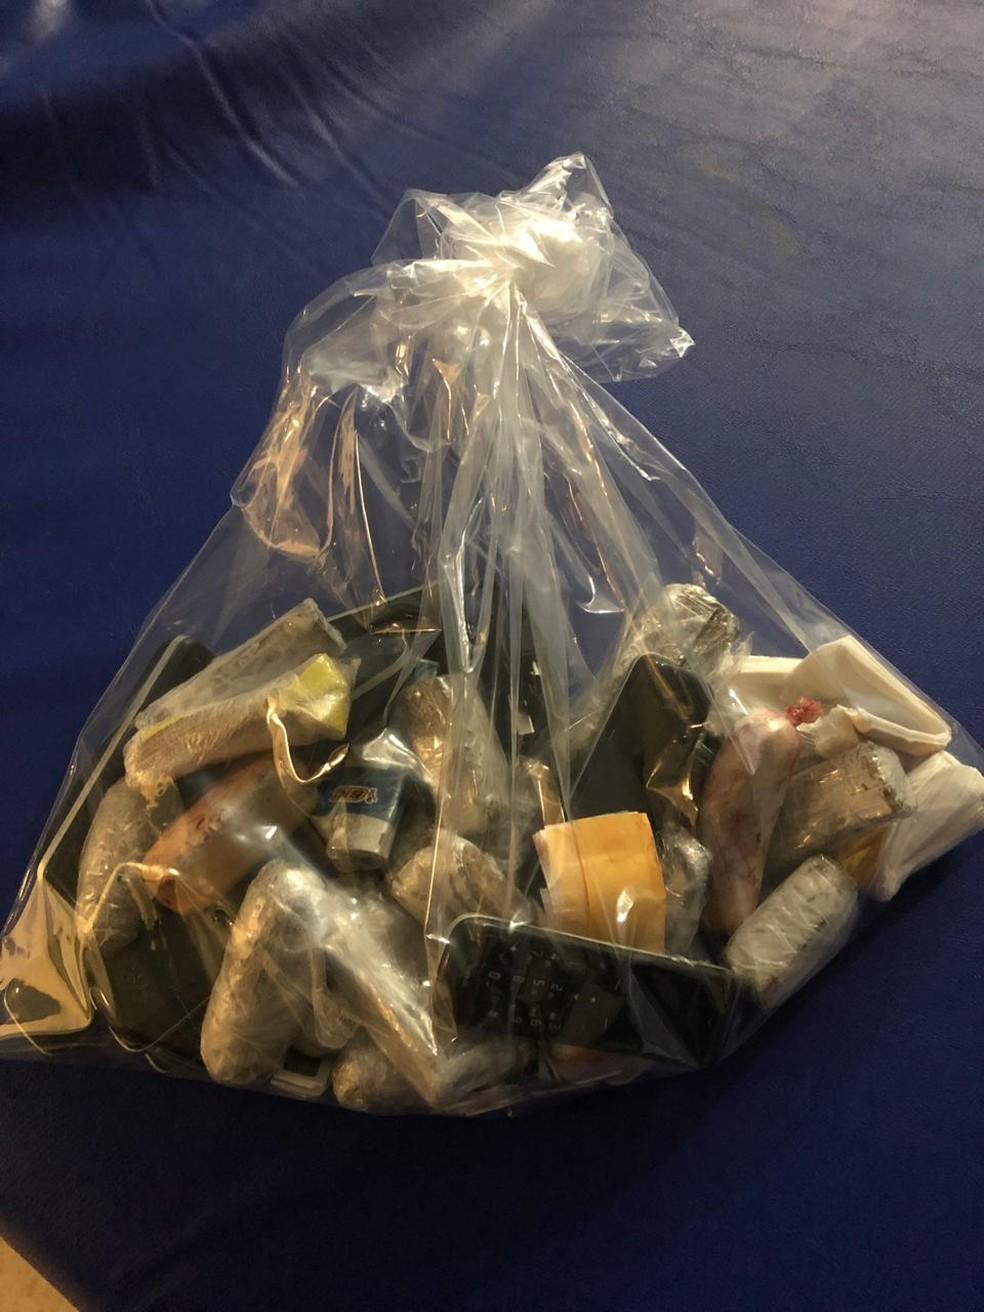 Objetos estavam dentro do estômago de preso — Foto: Secretaria de Justiça e Cidadania/ Divulgação